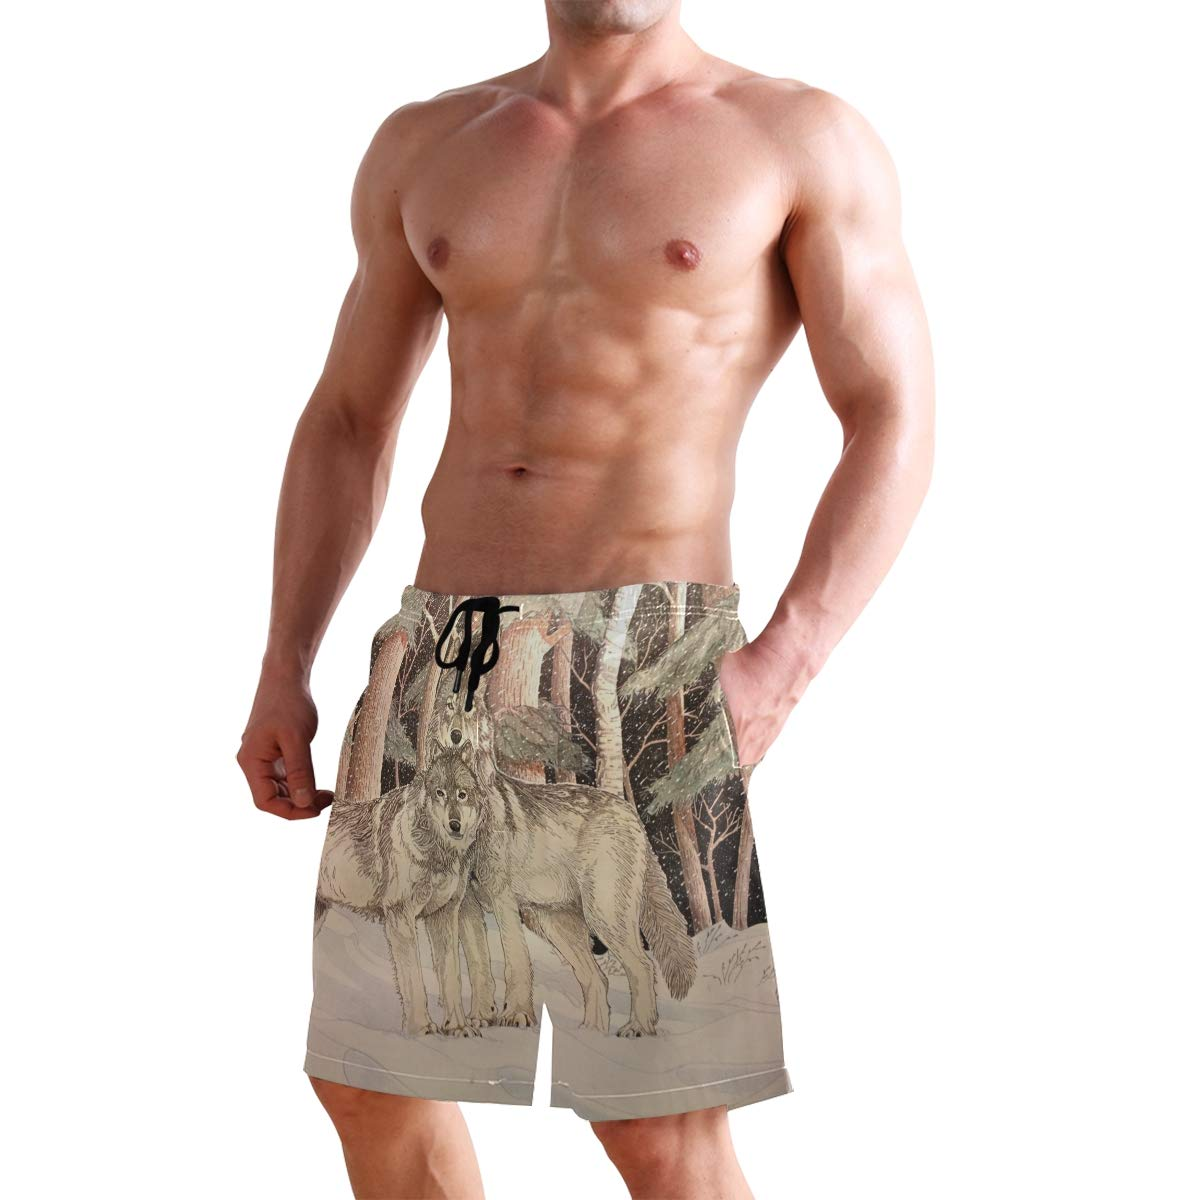 DEYYA Mens Timber Wolves Summer Beach Shorts Pants Swim Trunks Board Short for Men